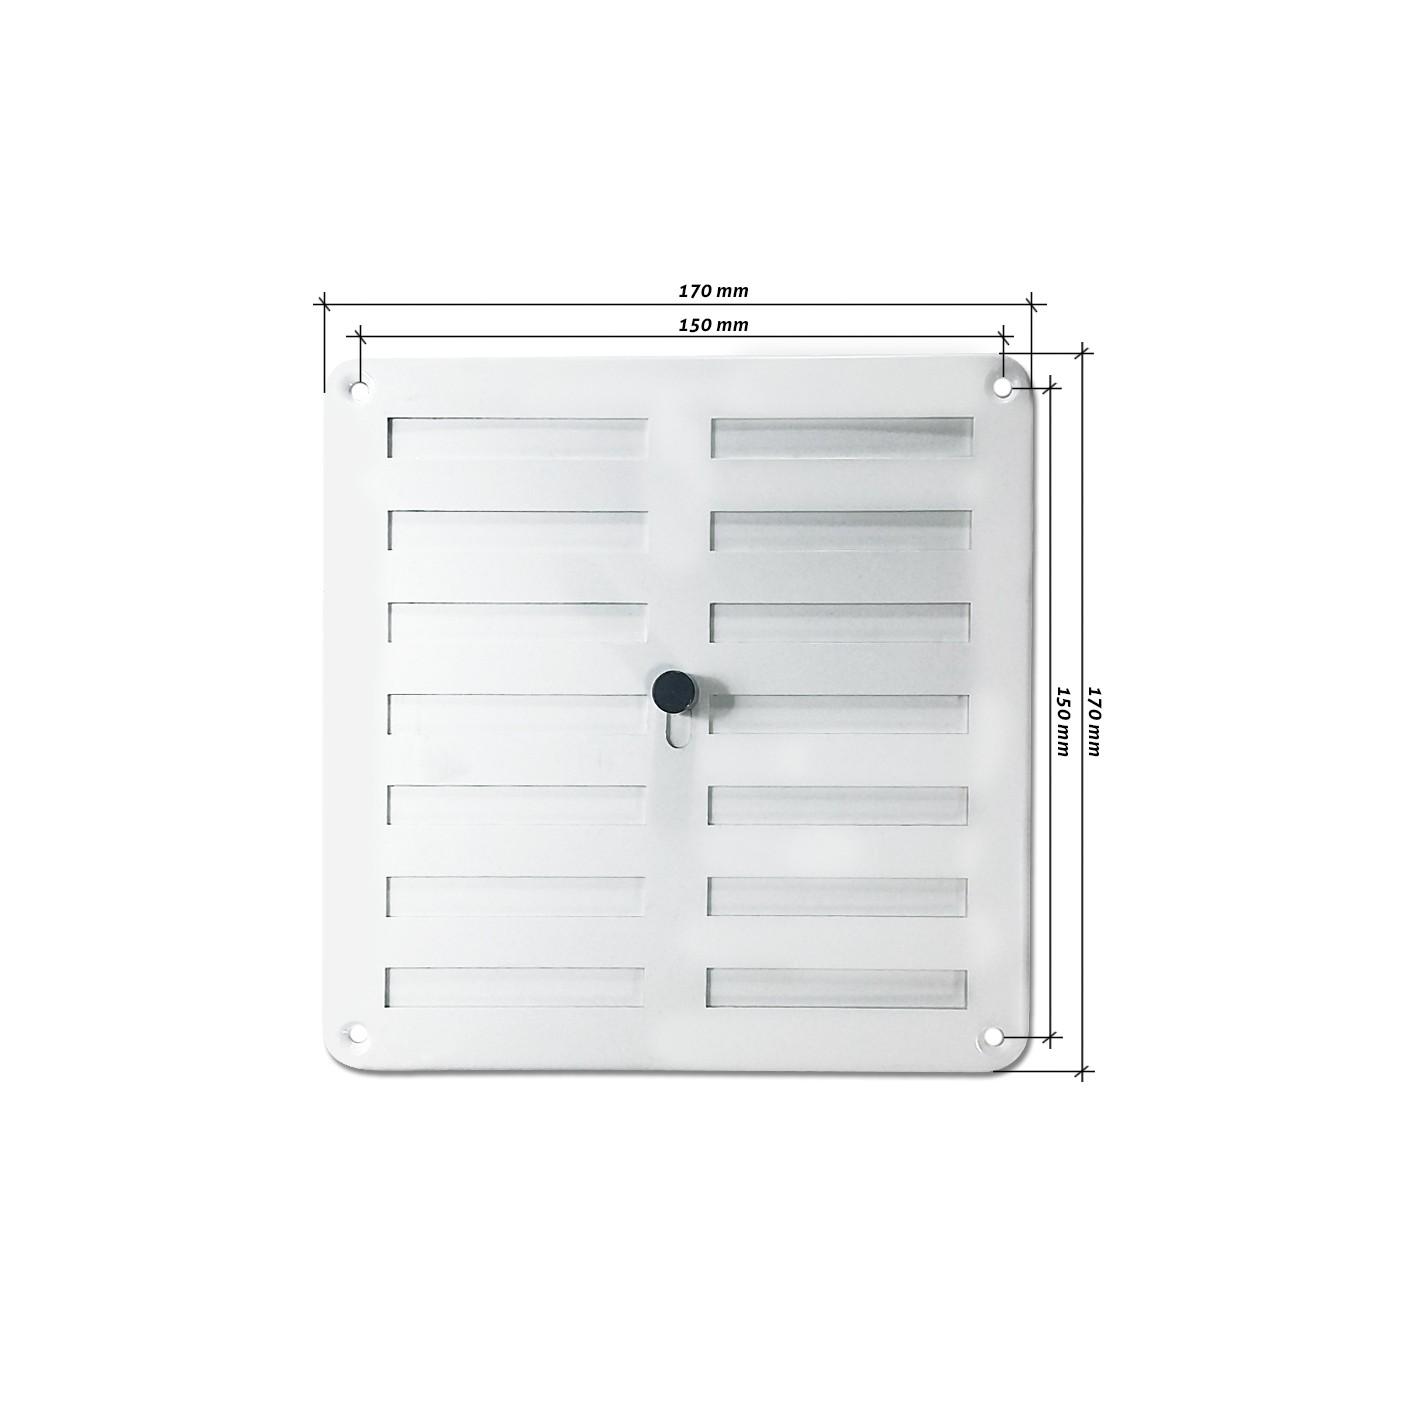 Rejilla de ventilaci n regulable 170x170 mm blanca alg - Rejilla de ventilacion regulable ...